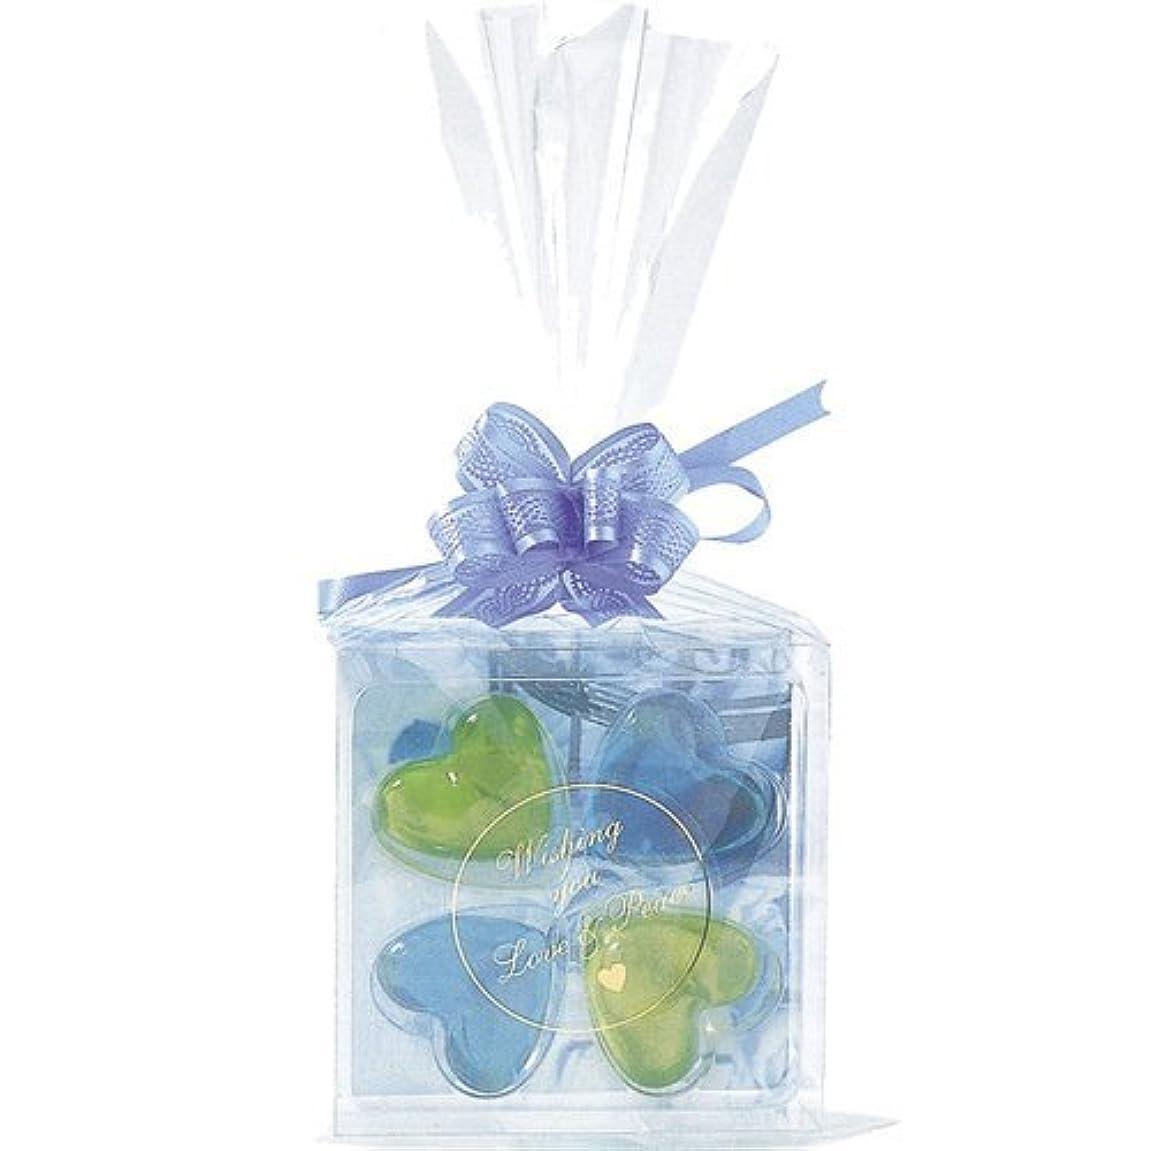 暴露放散する注入するジーピークリエイツ フォーチューンクローバー ブルー 入浴料セット(グリーンアップル、ベリー)